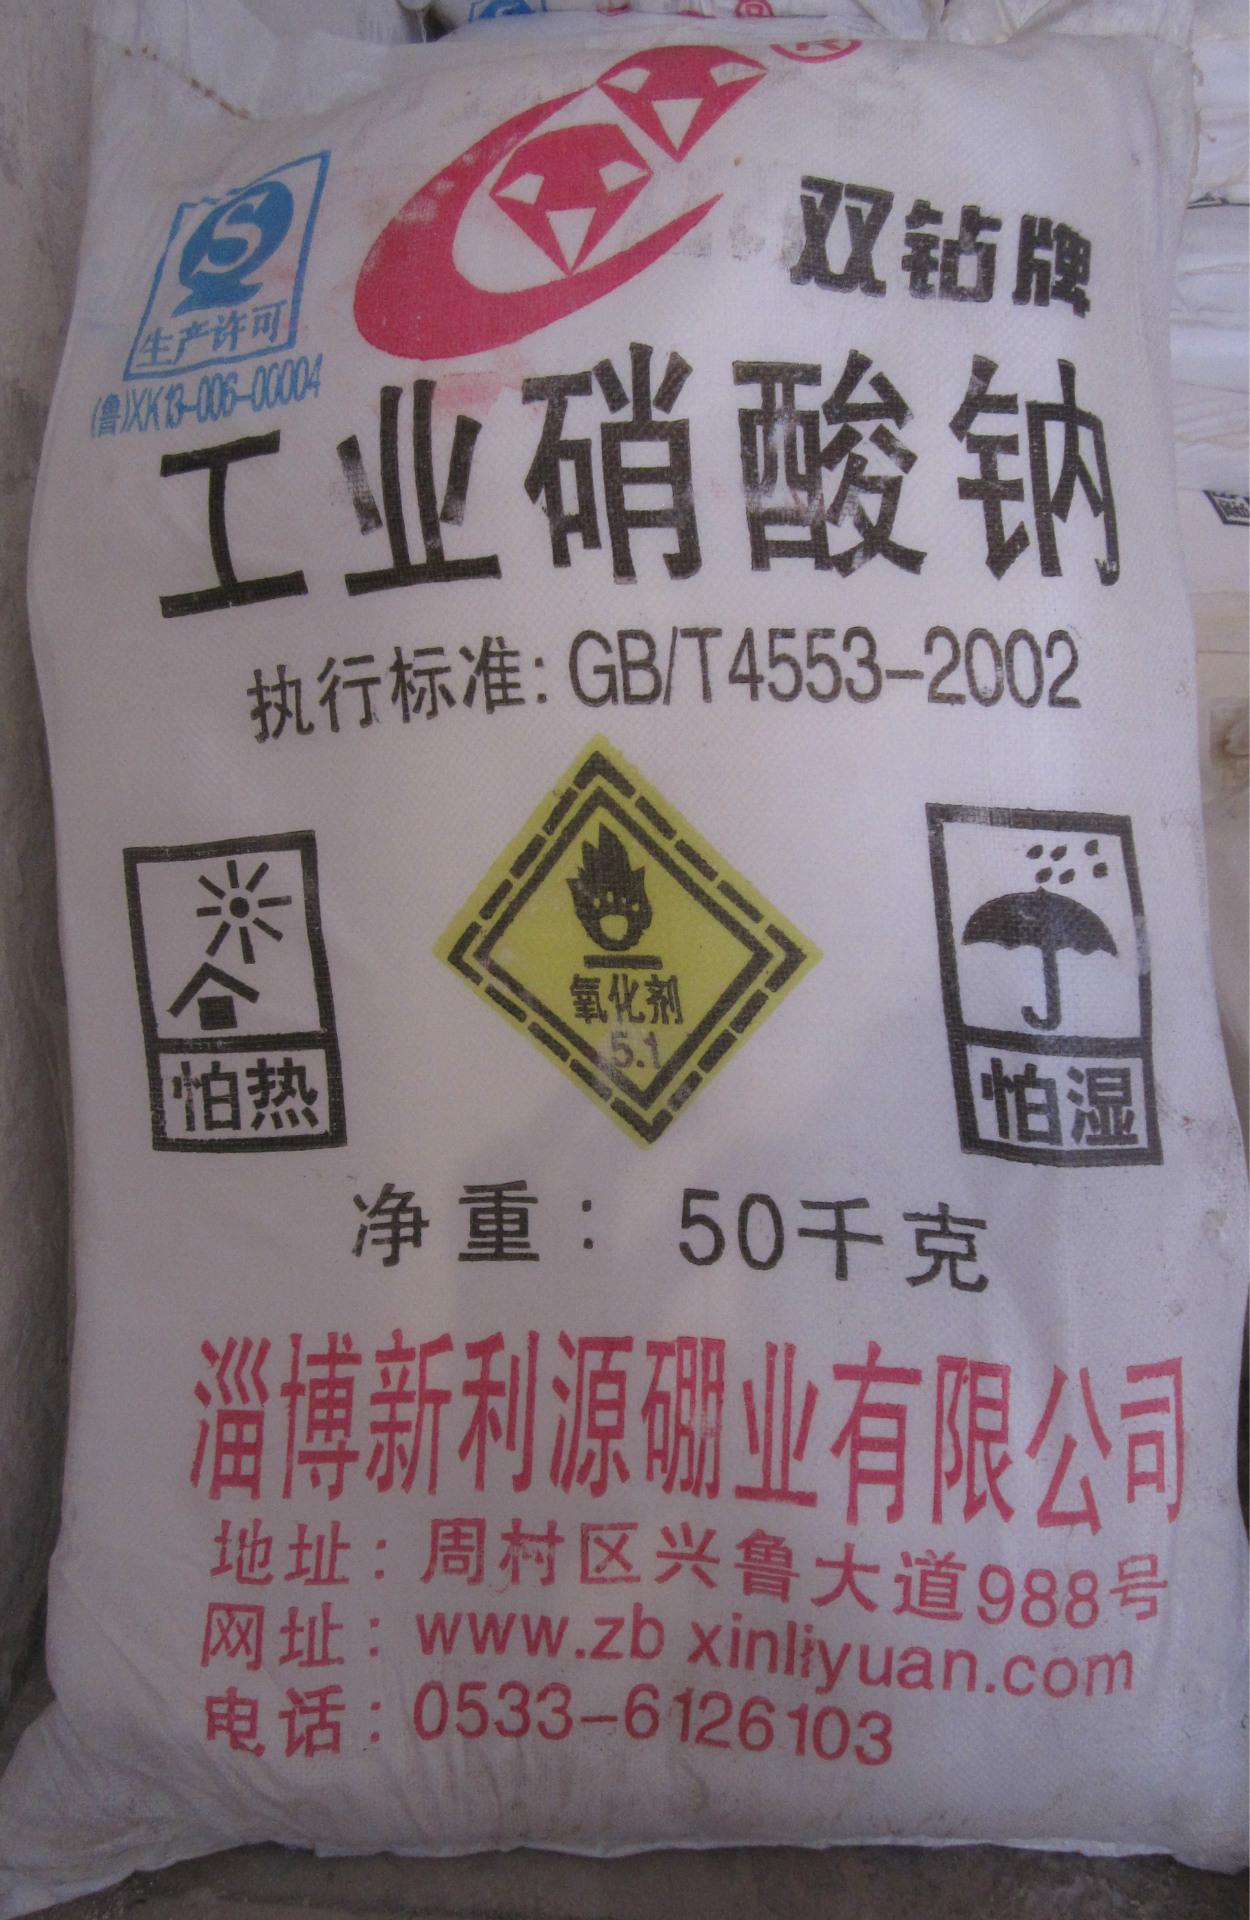 碳酸钡 贵州碳酸钡 碳酸盐